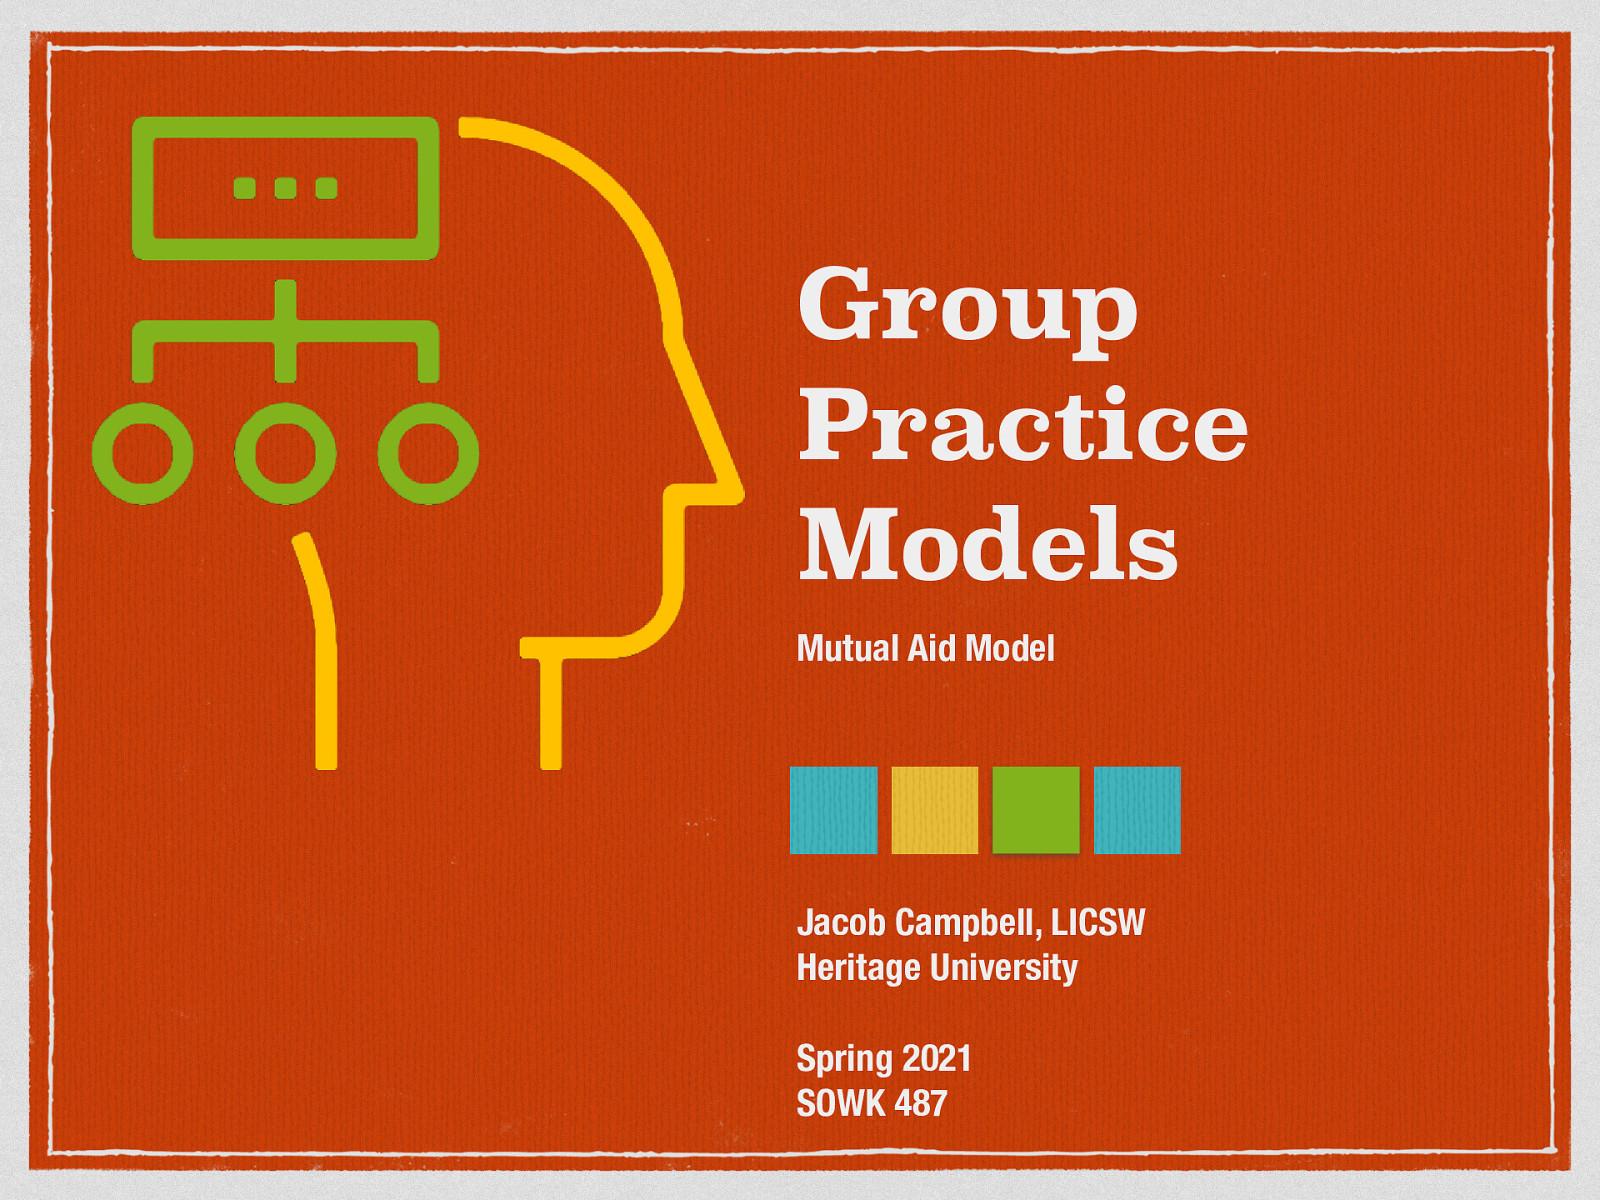 SOWK 487 Week 06 - Group Practice Models - Mutual Aid